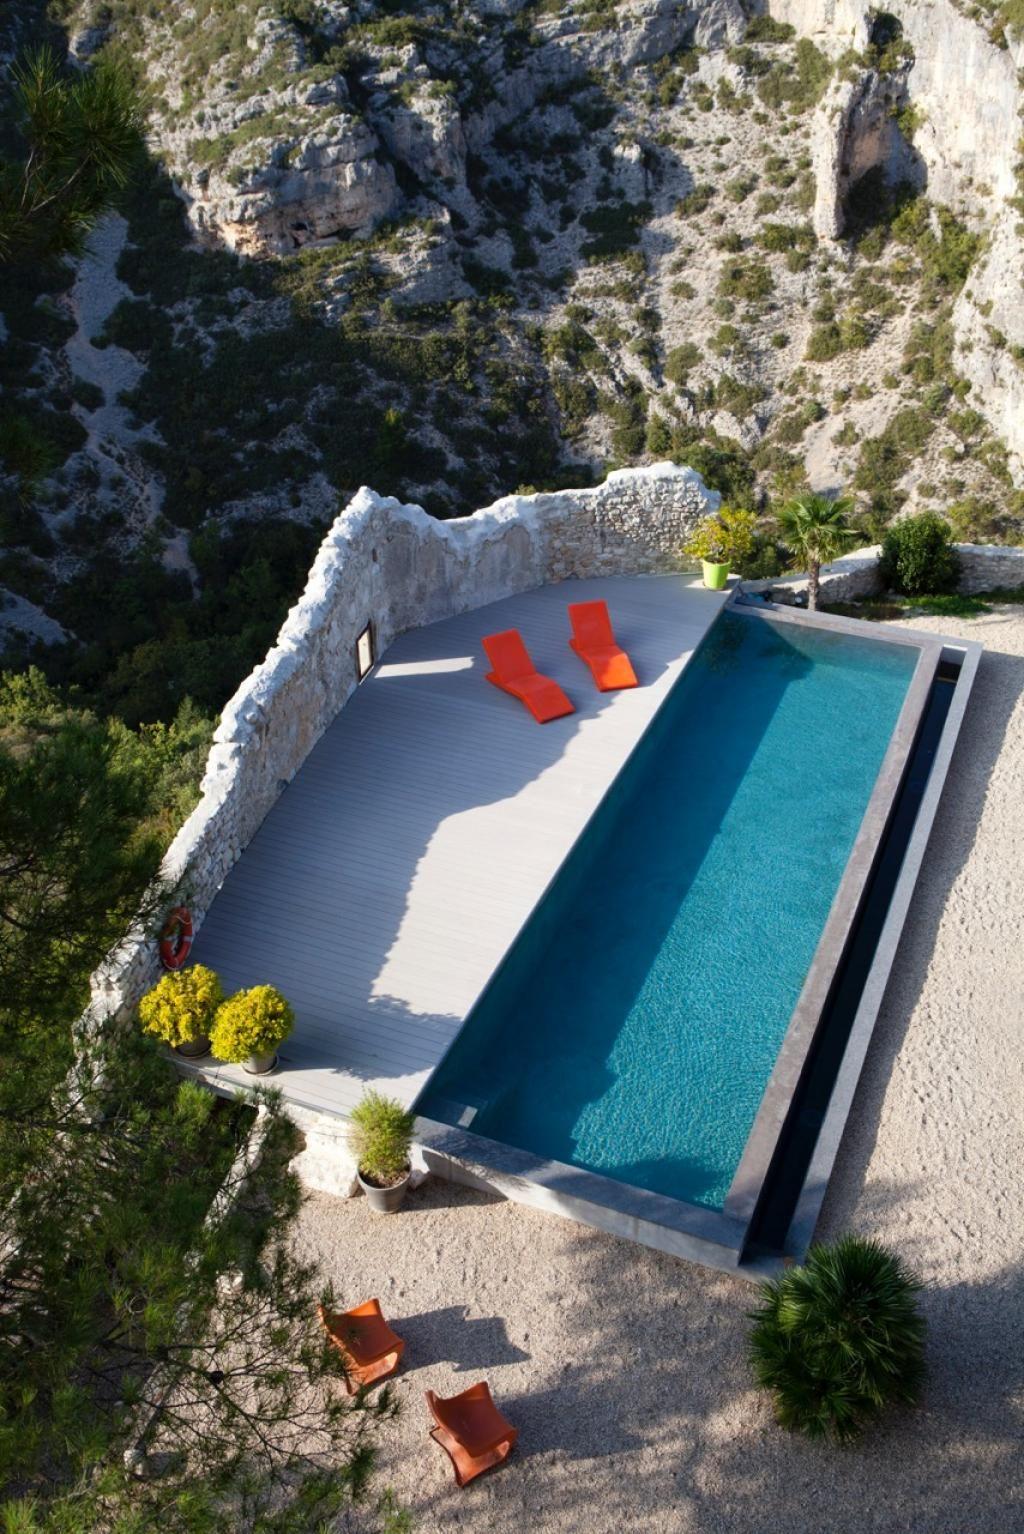 Chambre D Hotes Et Maison D Hotes Avec Deco Design Et Bien Etre En Provence Vaucluse Maison D Hotes Piscines De Reve Petite Piscine